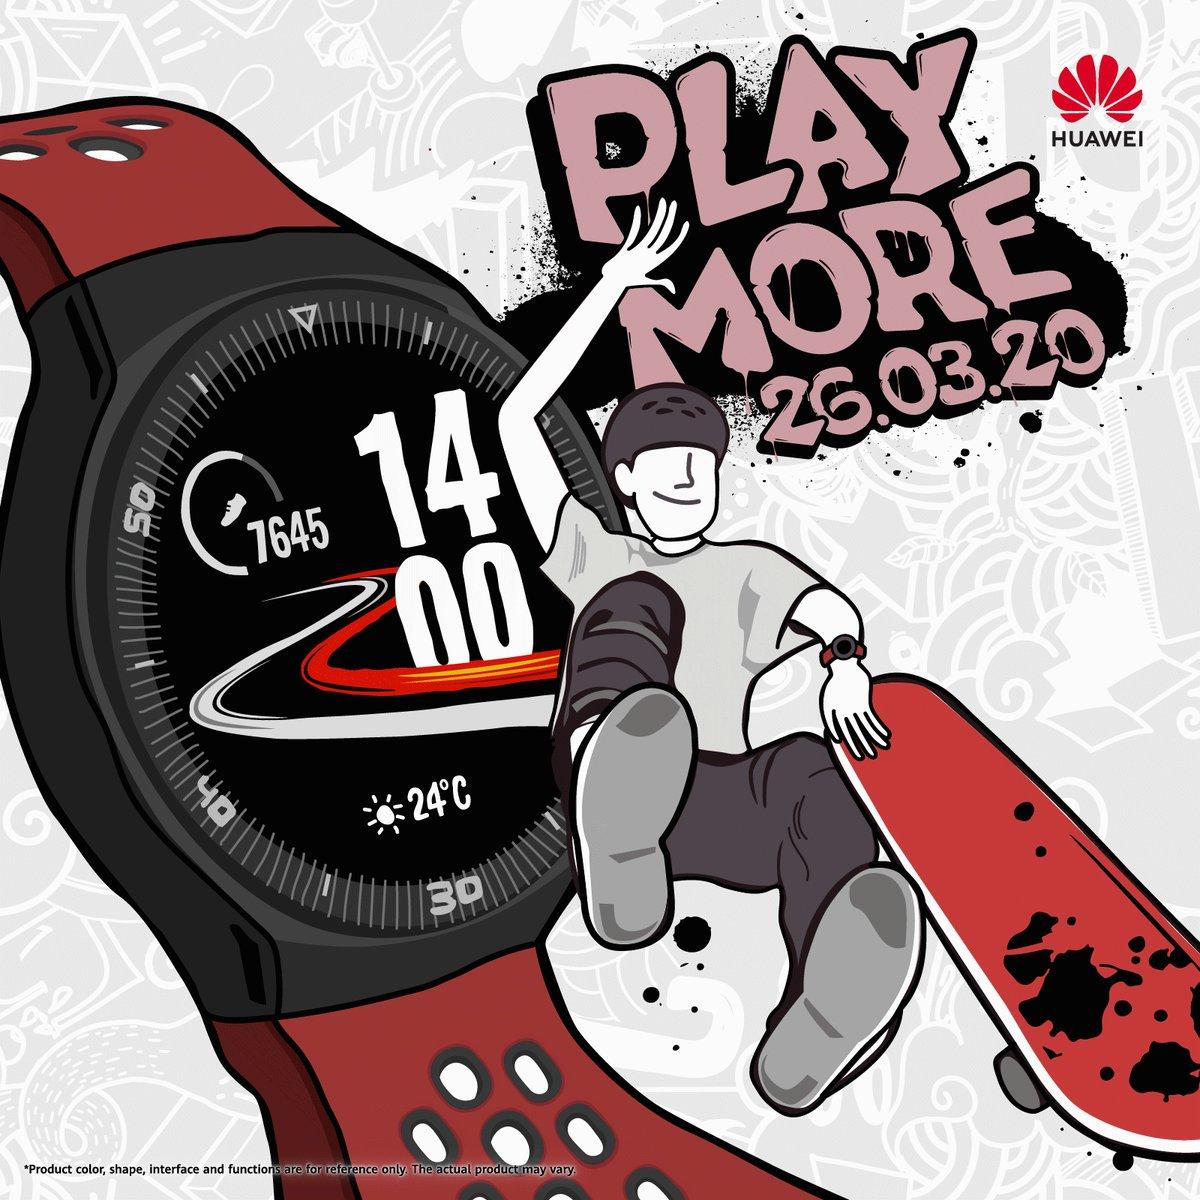 watch GT2e